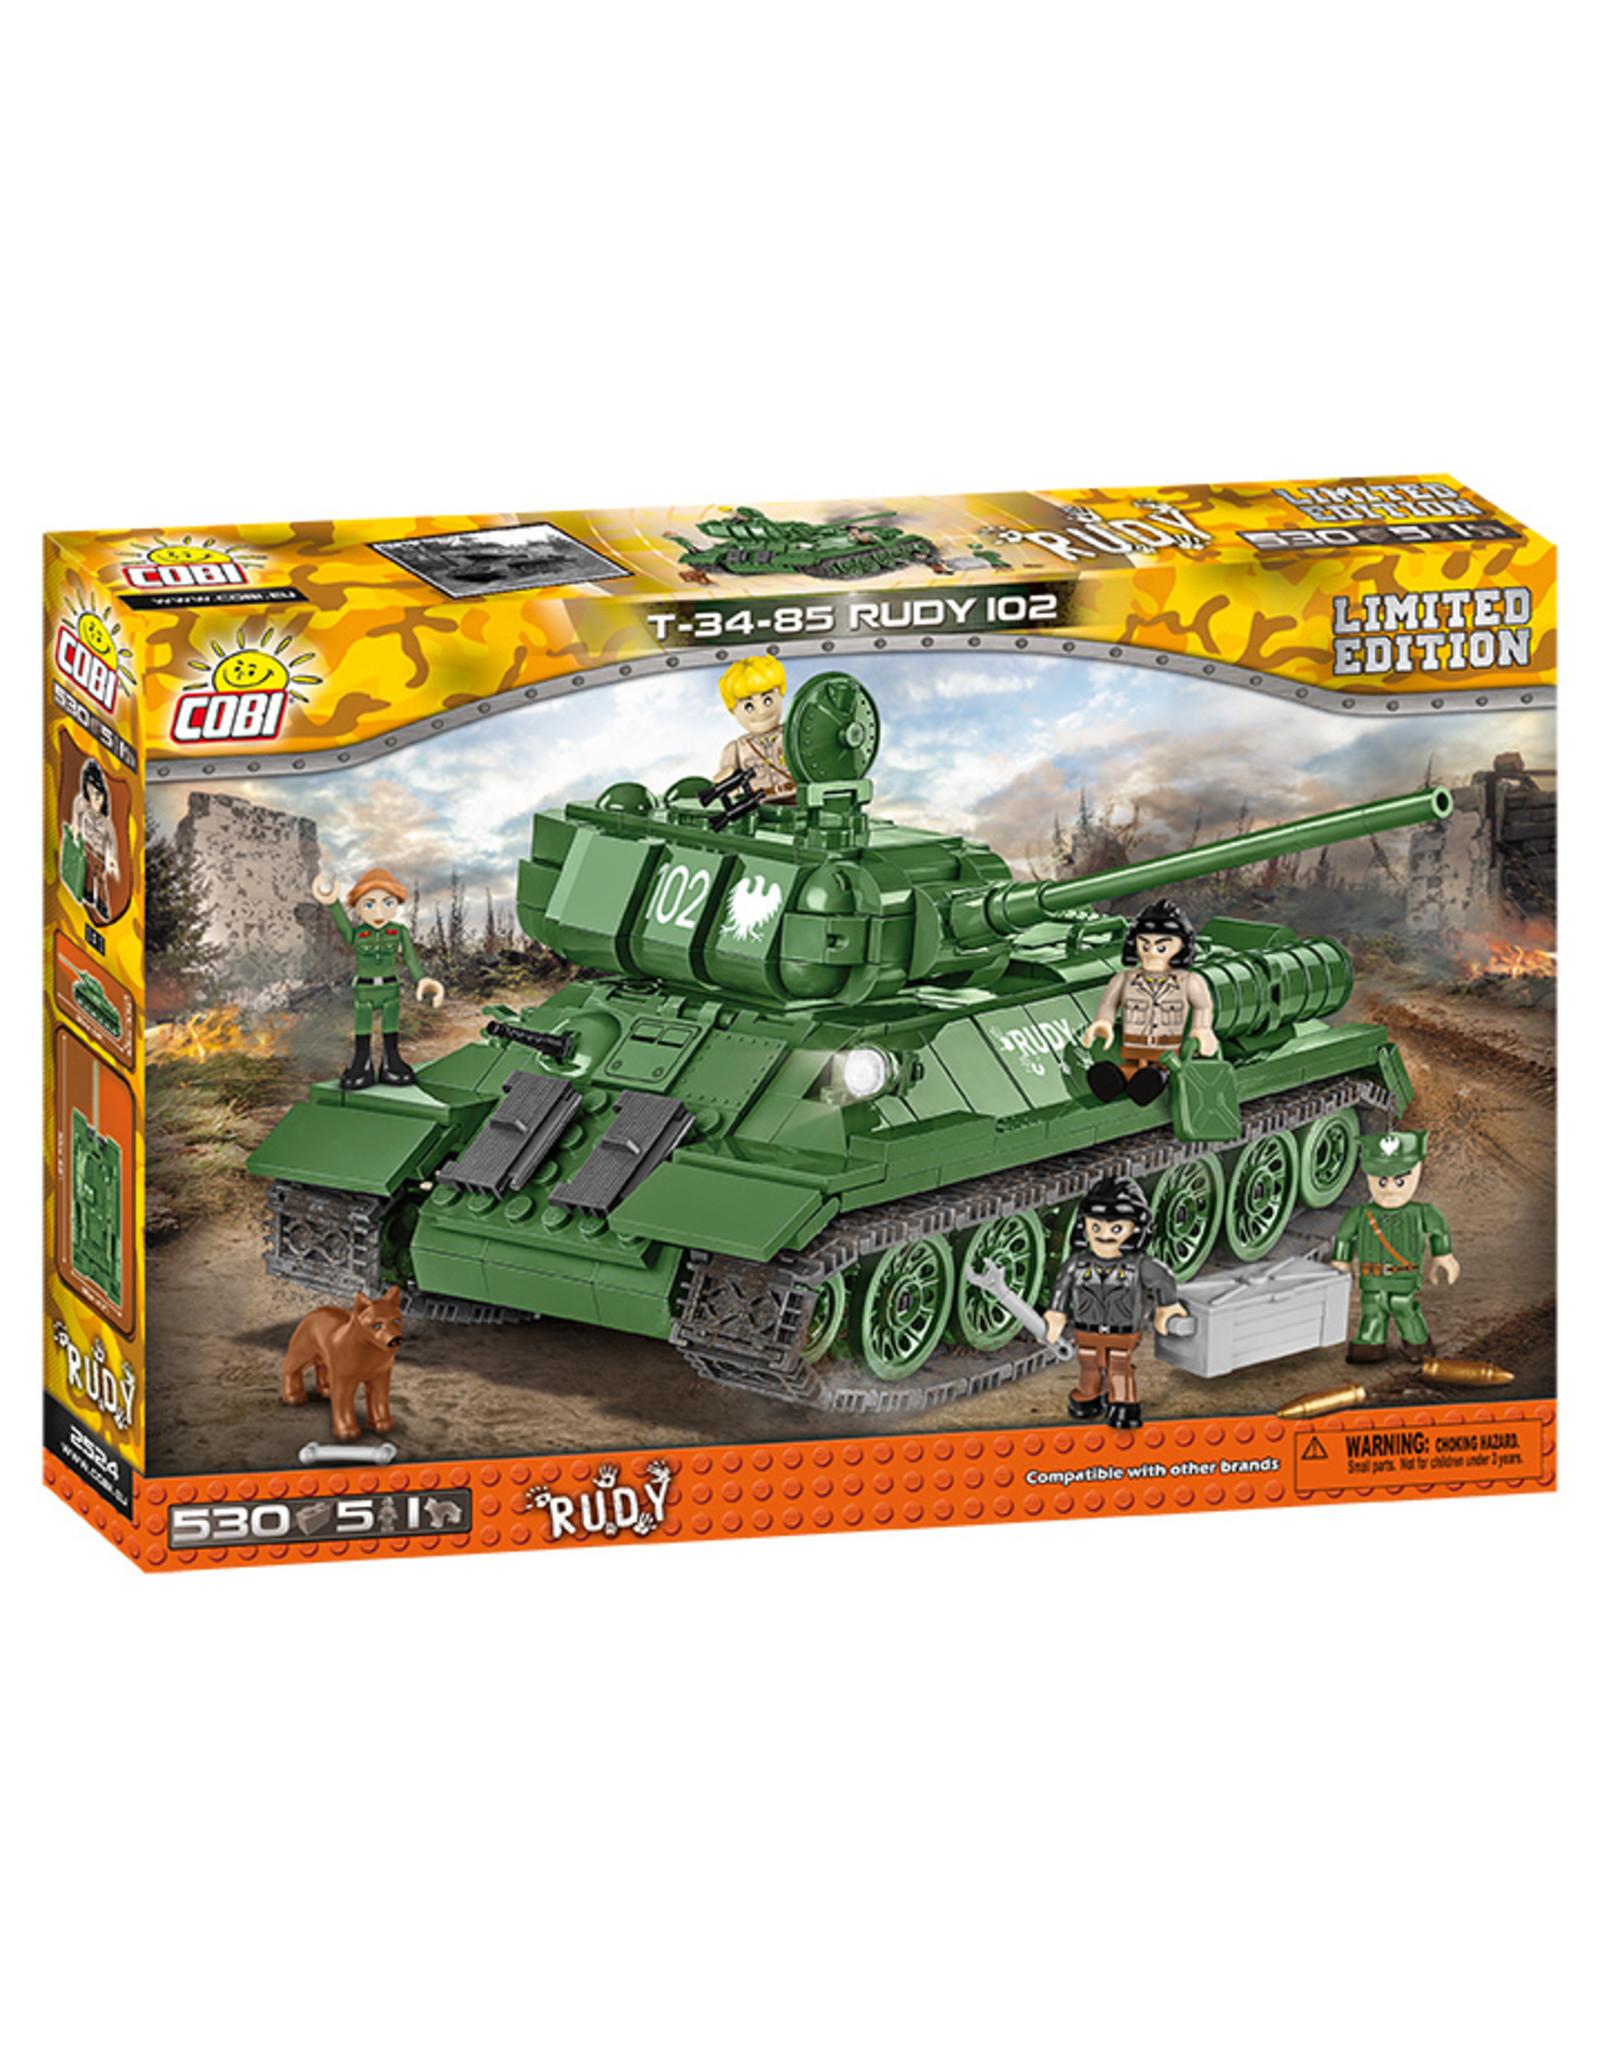 COBI COBI WW2 2524 T-34-85 Rudy 102